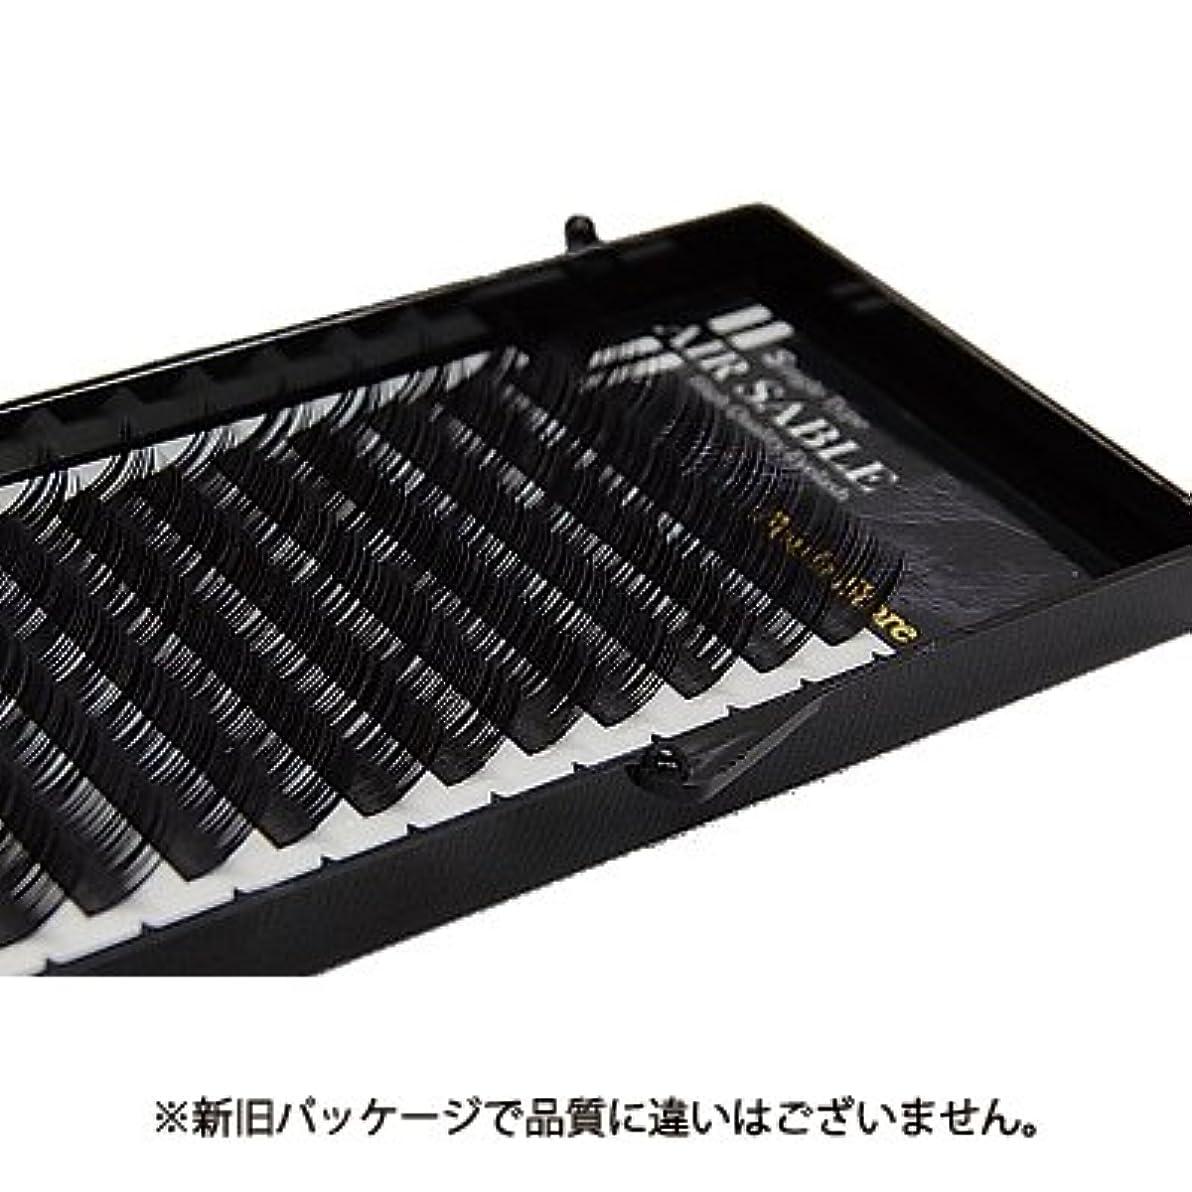 起きる散歩改革【フーラ】エアーセーブル シート 12列 Cカール 11mm×0.15mm